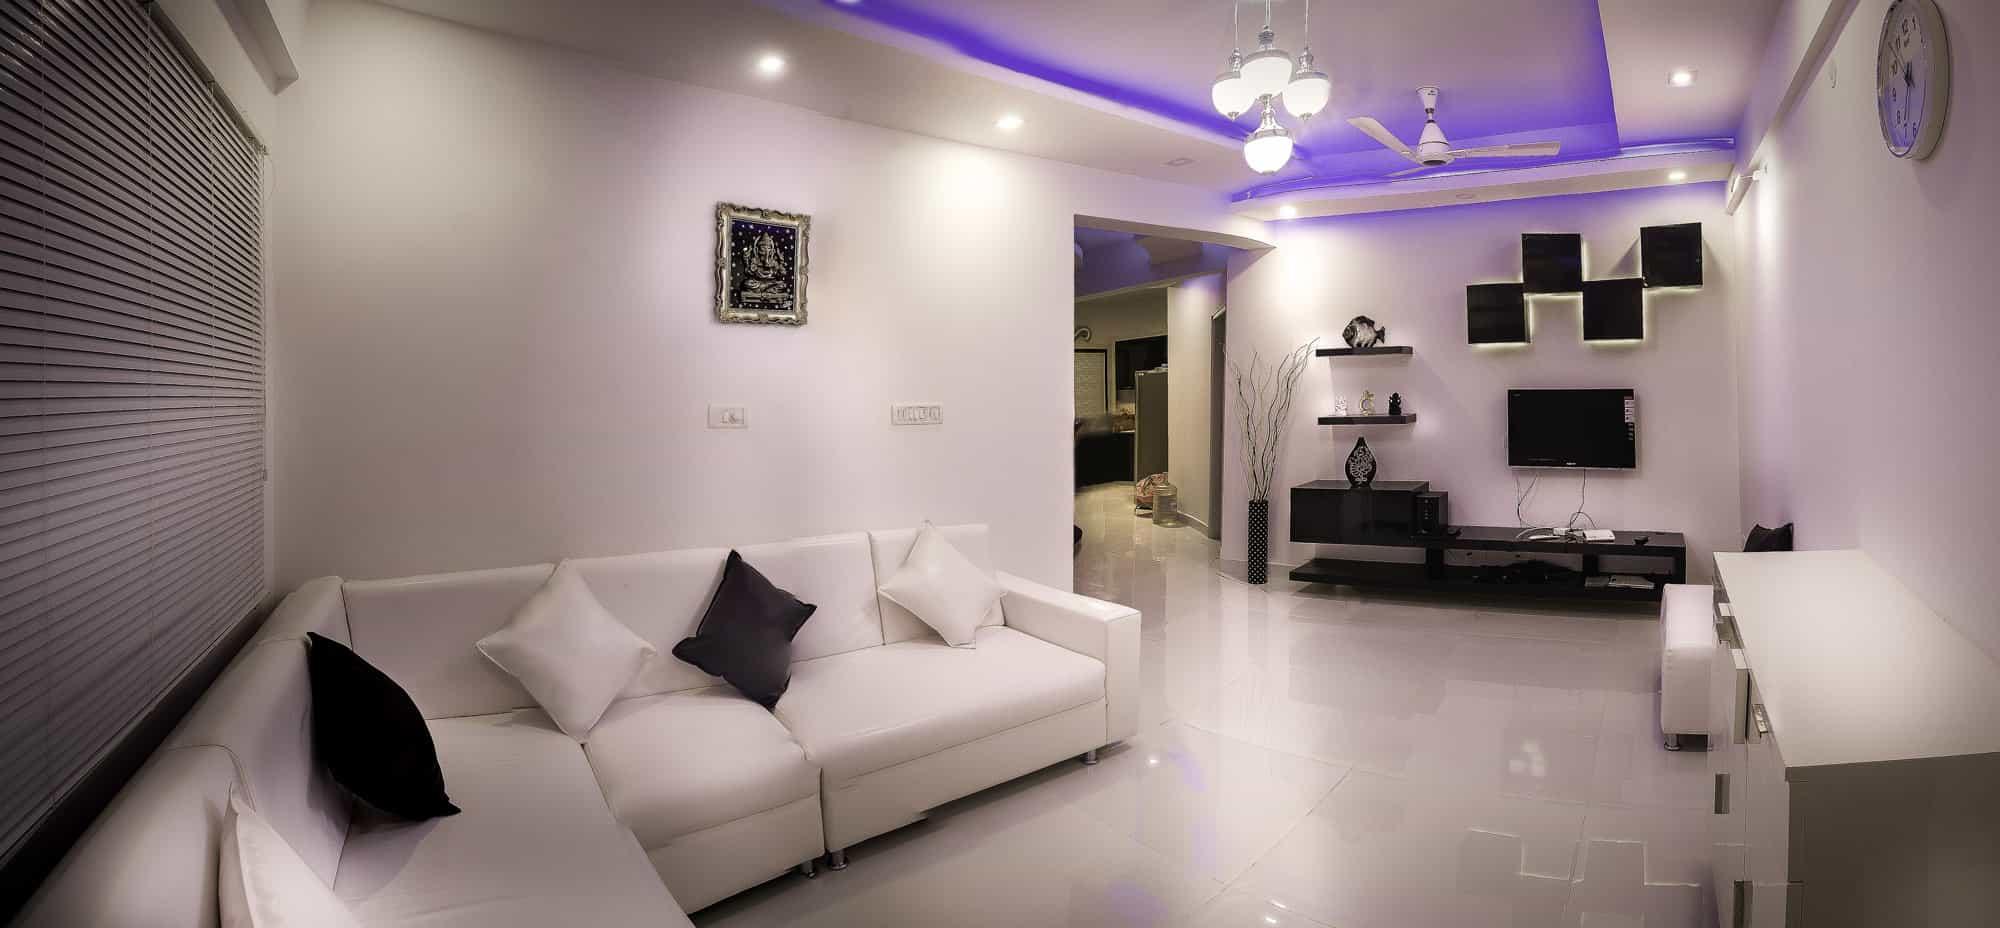 maison-salon-moderne-design-images-photos-gratuites-libres-de-droits ...